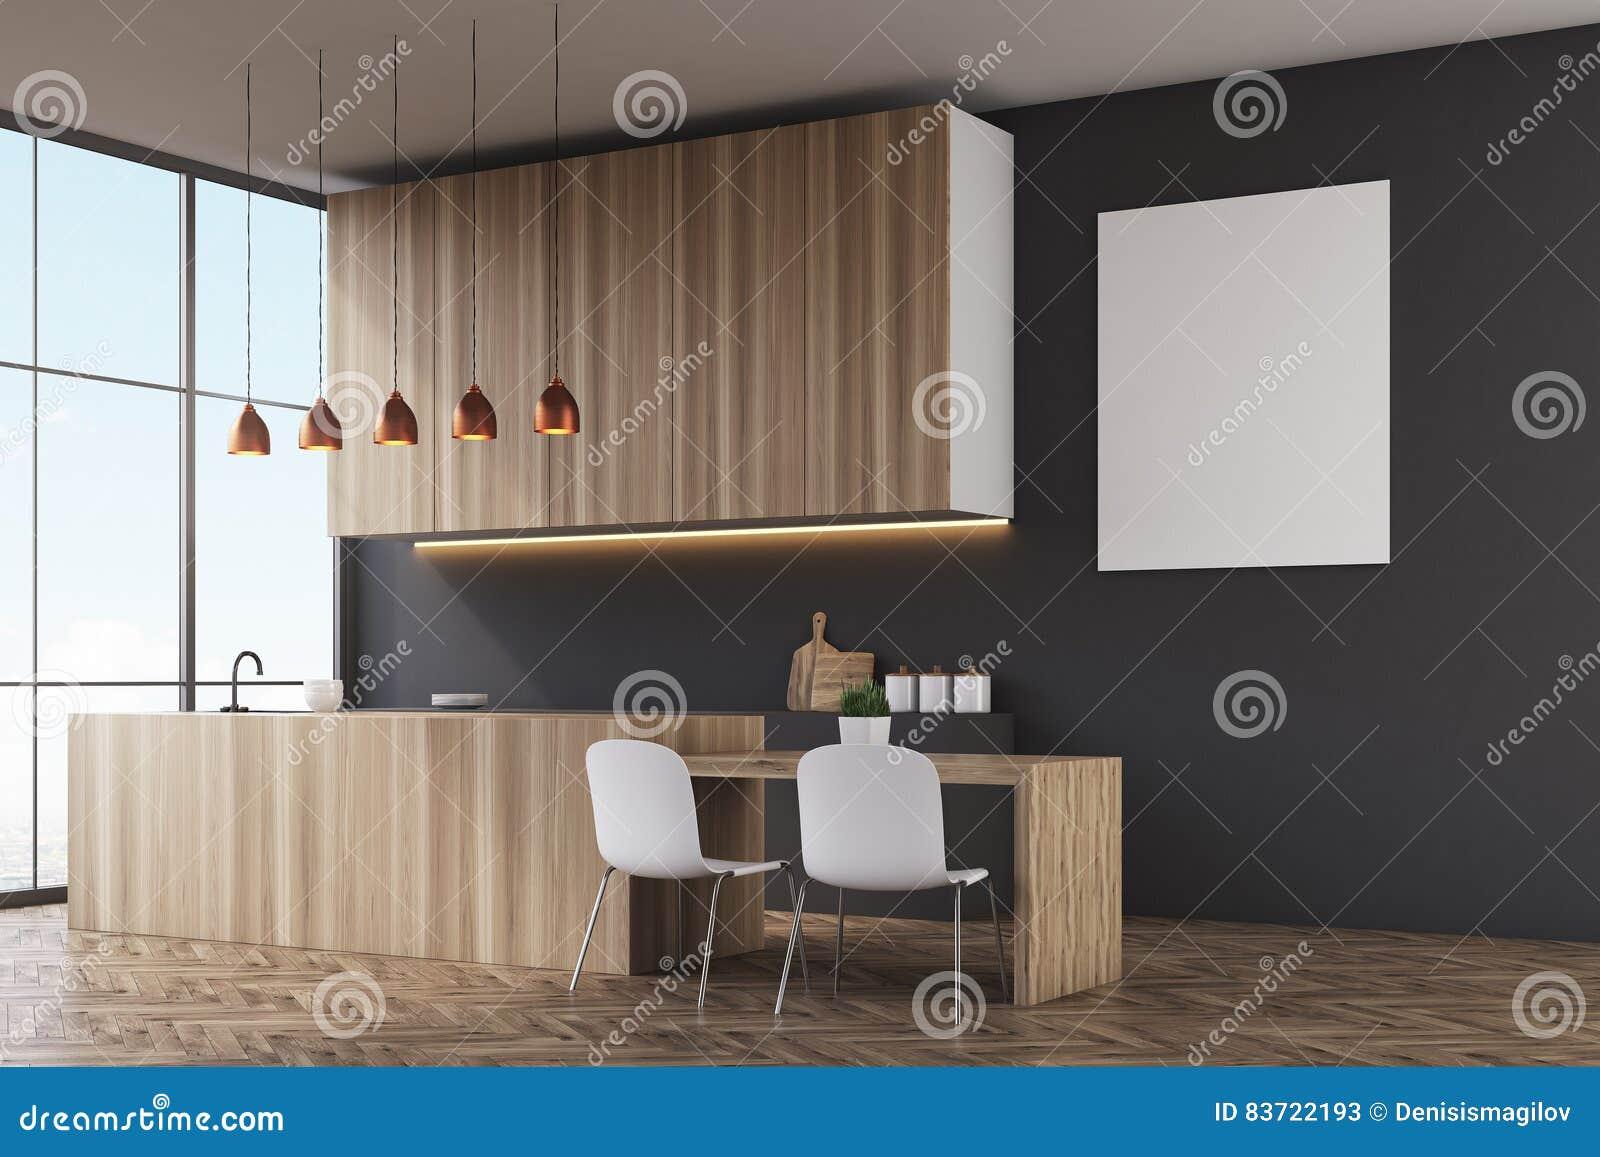 Keuken zwarte muur en affiche stock illustratie afbeelding 83722193 - Keuken rode en grijze muur ...